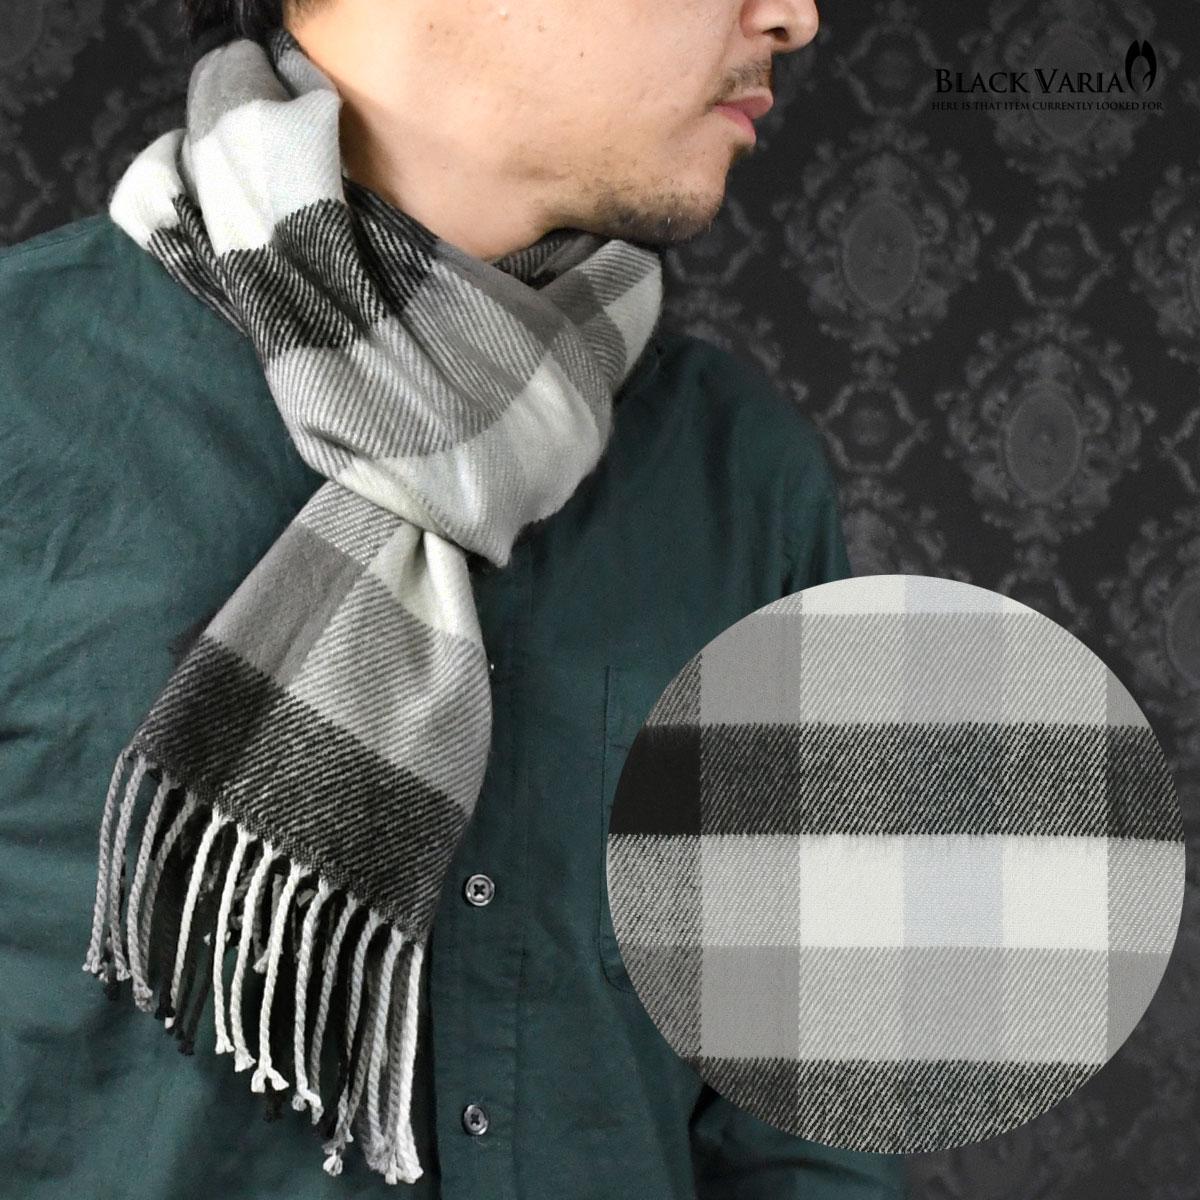 マフラー チェック柄 メンズ ビジネス アクリル ニット 日本製 チェックマフラー mens(ホワイト白ブロックチェック)